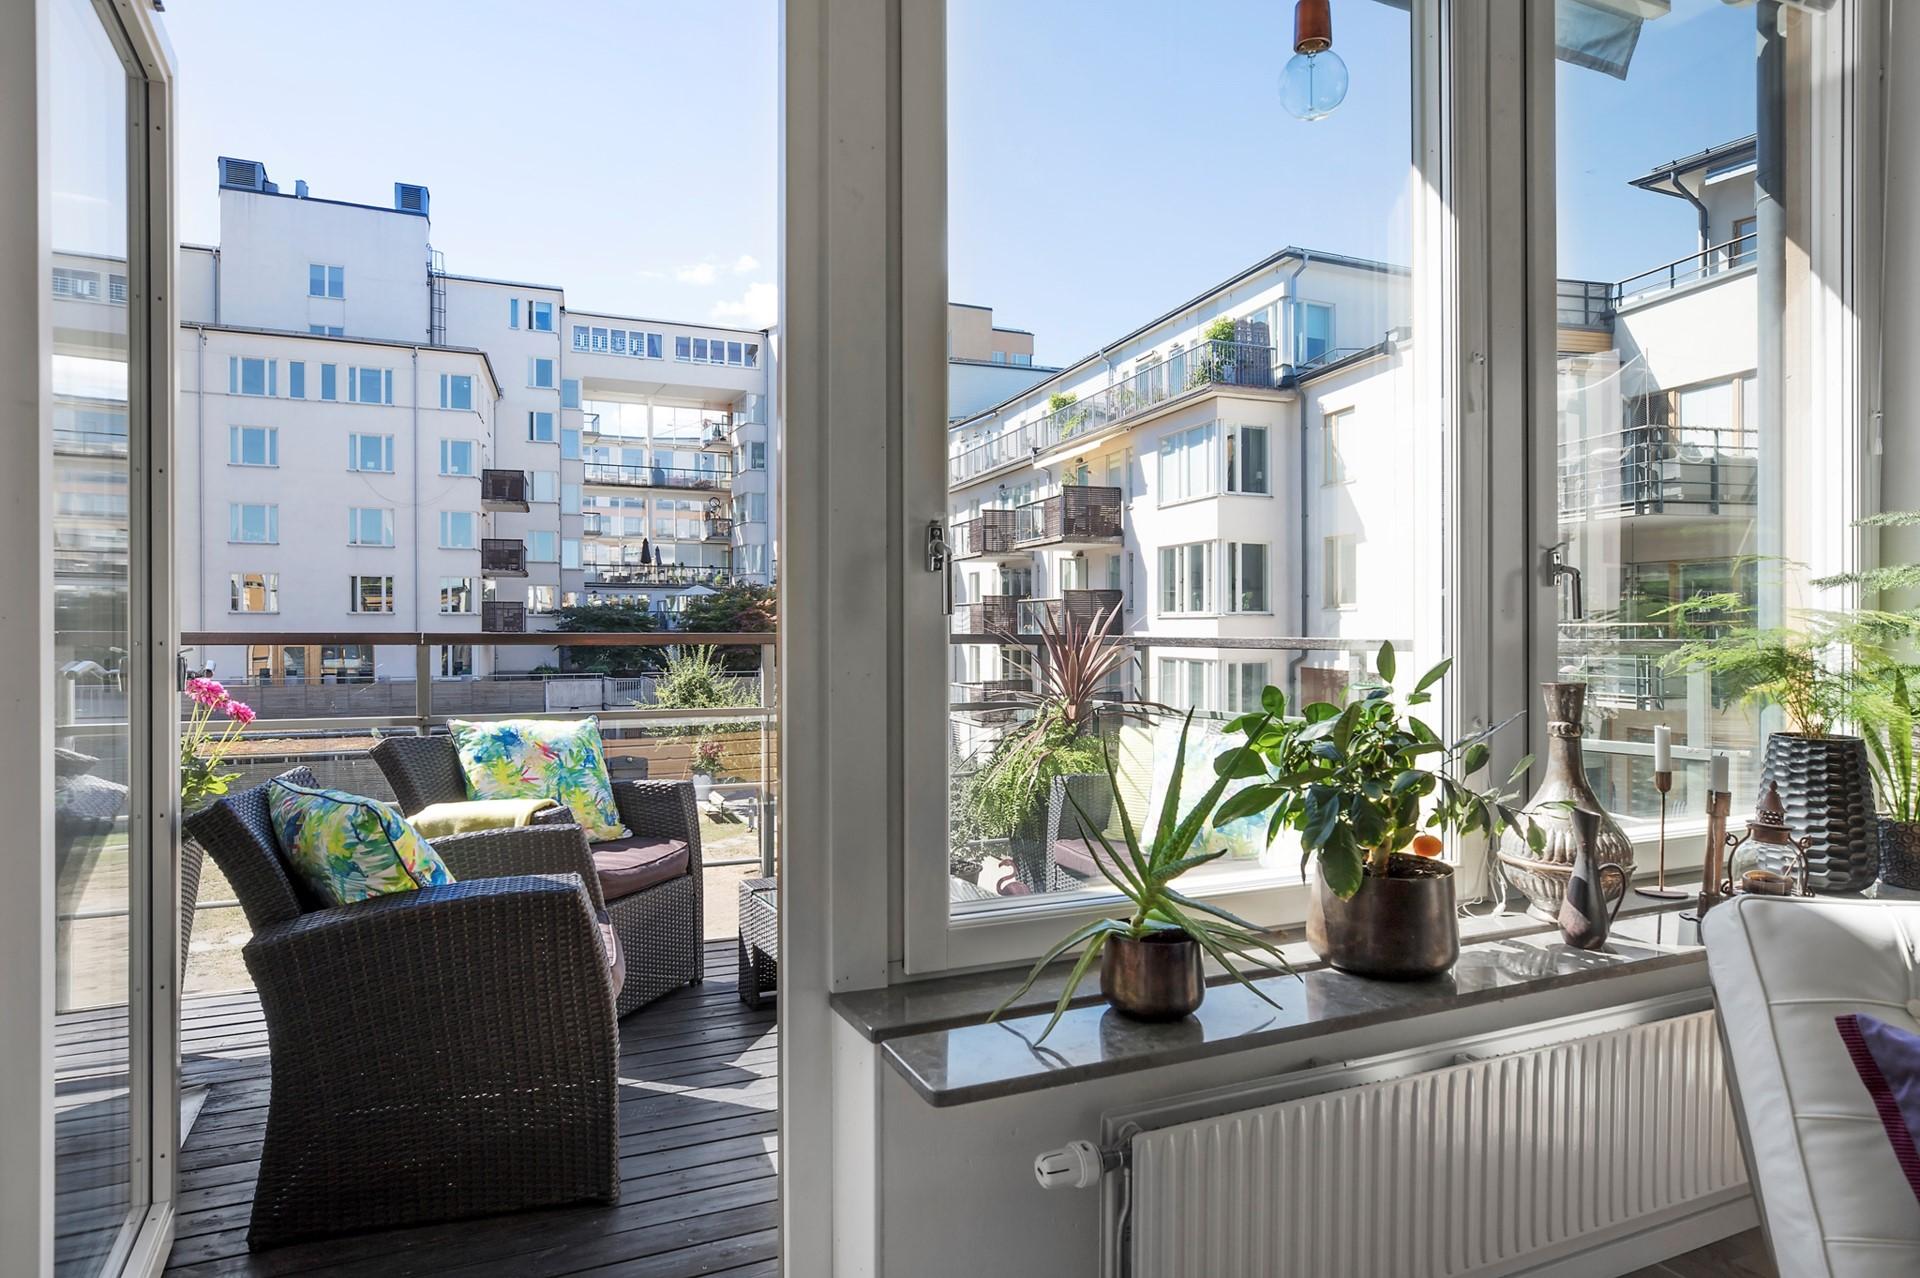 Korphoppsgatan 25, 2 tr Gårdshus! - Balkongen nås från vardagsrummet